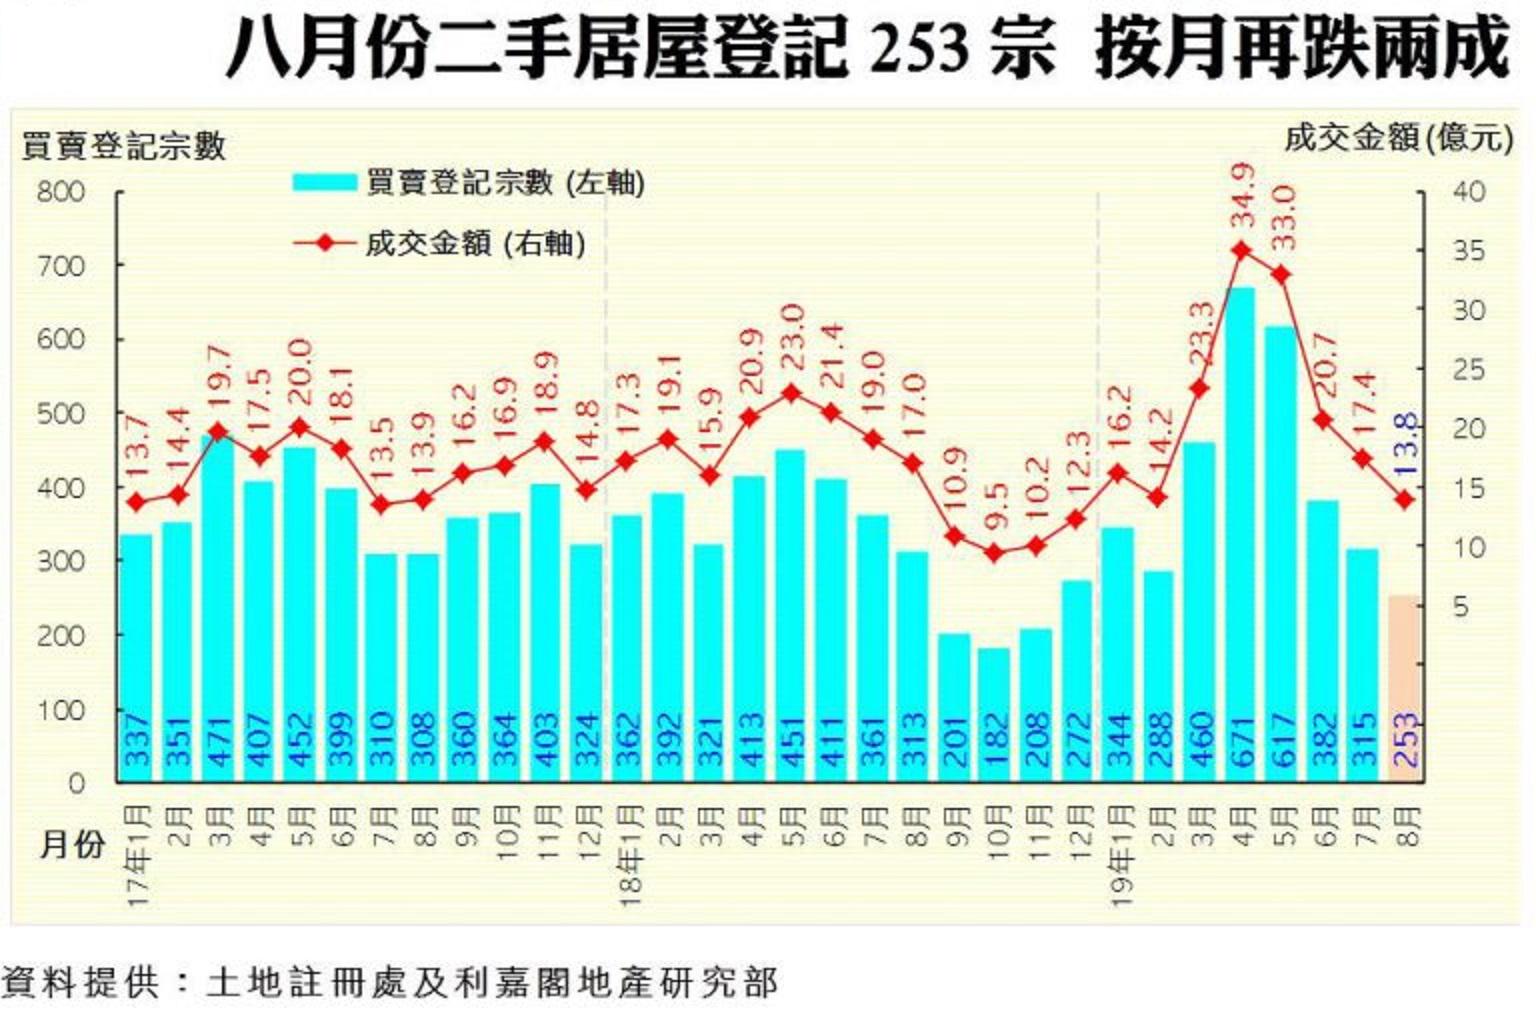 8月二手居屋登記僅253宗 近9個月最少